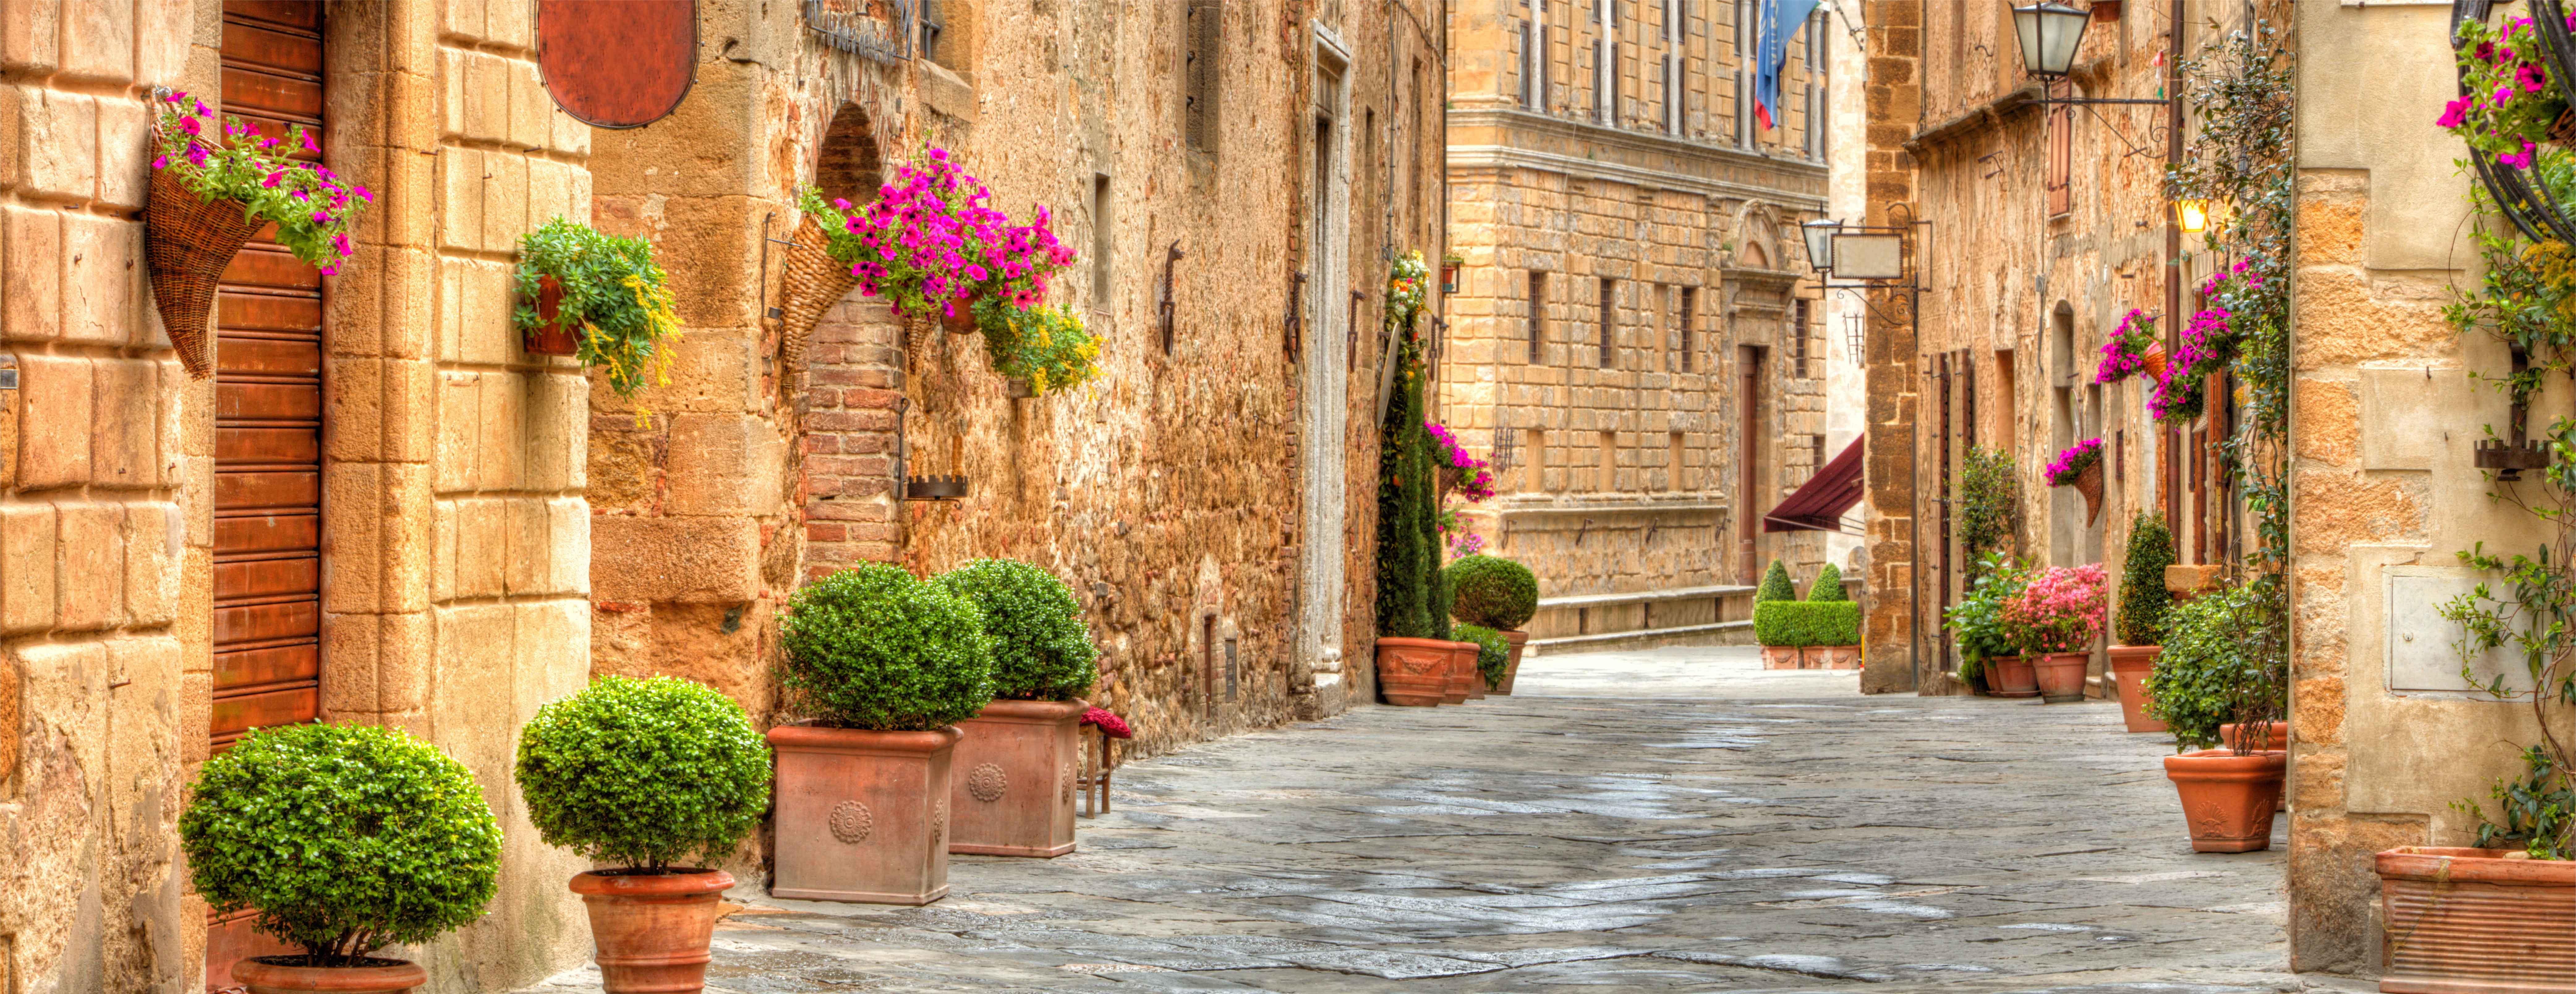 Sfeerafbeelding italiaanse straatjesi